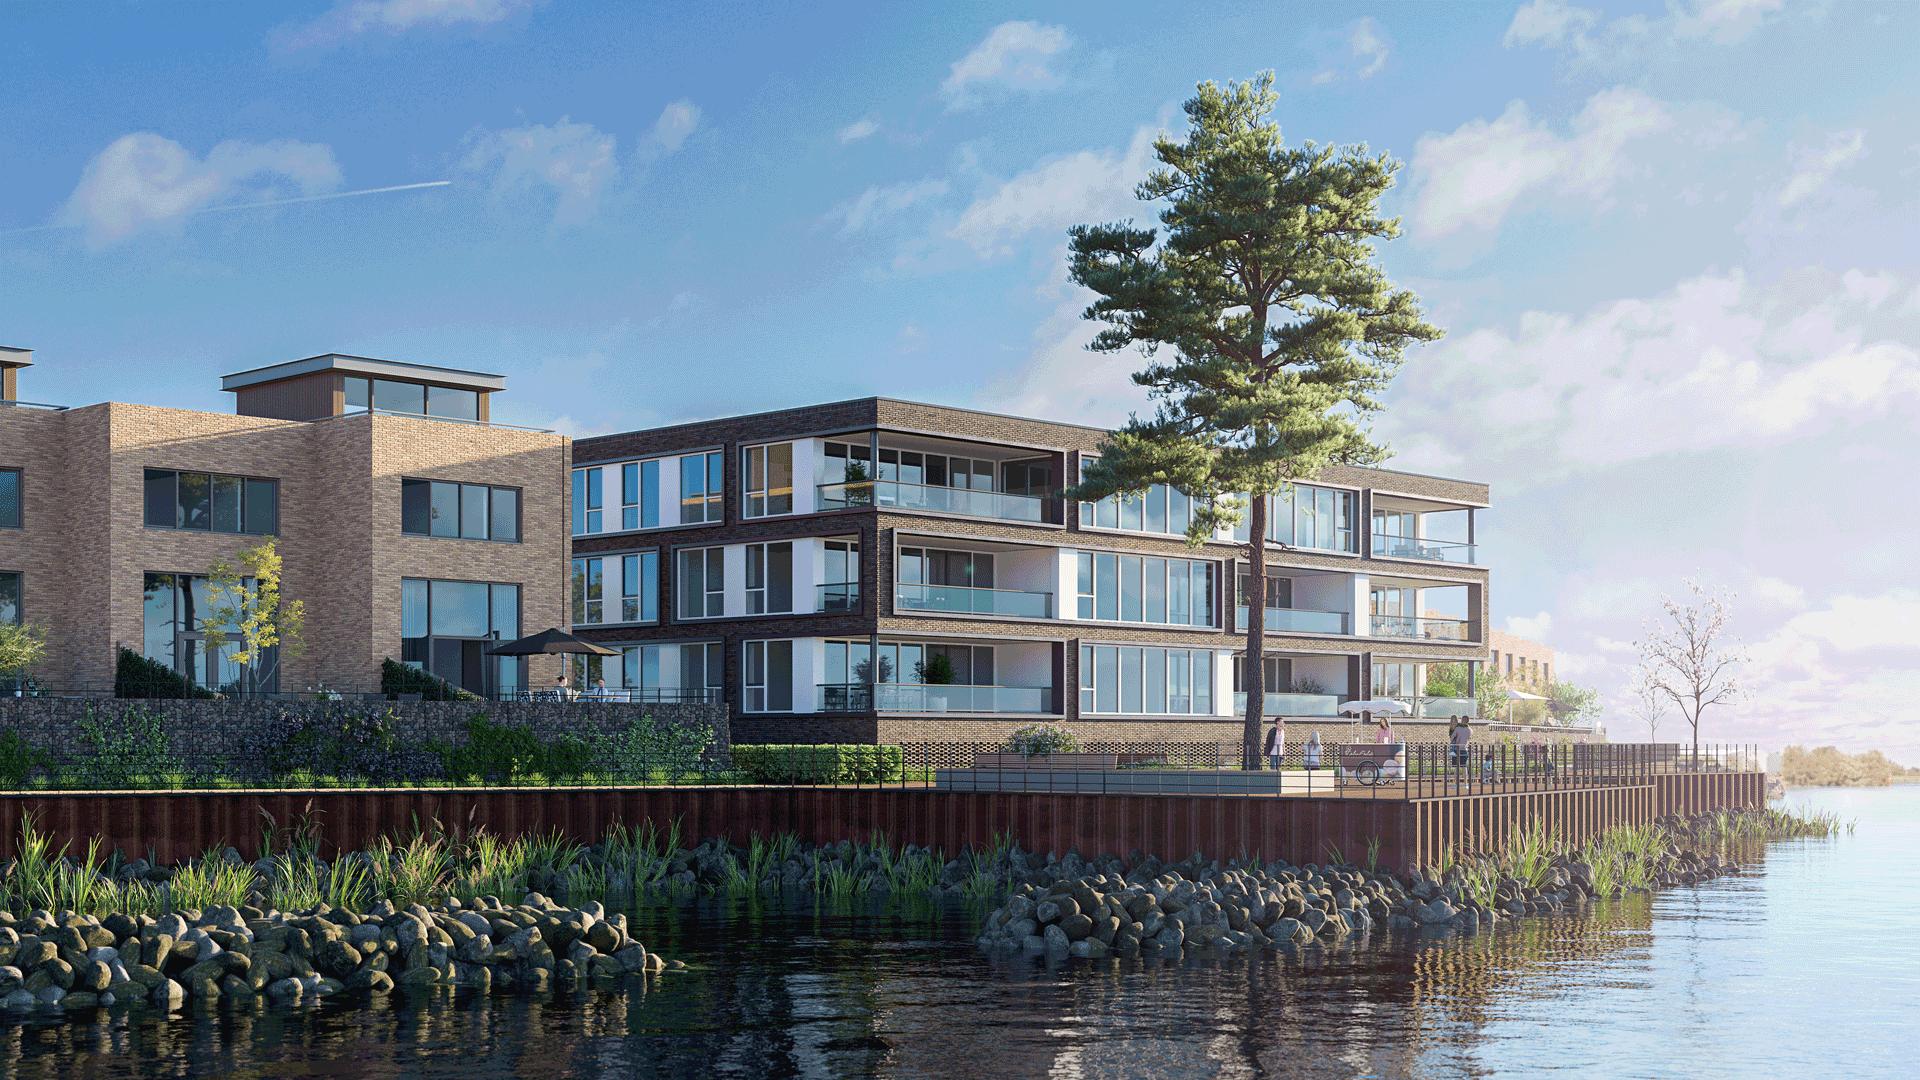 Nieuwbouw Zelling - Nieuwerkerk aan den ijssel - koopwoningen - appartementen